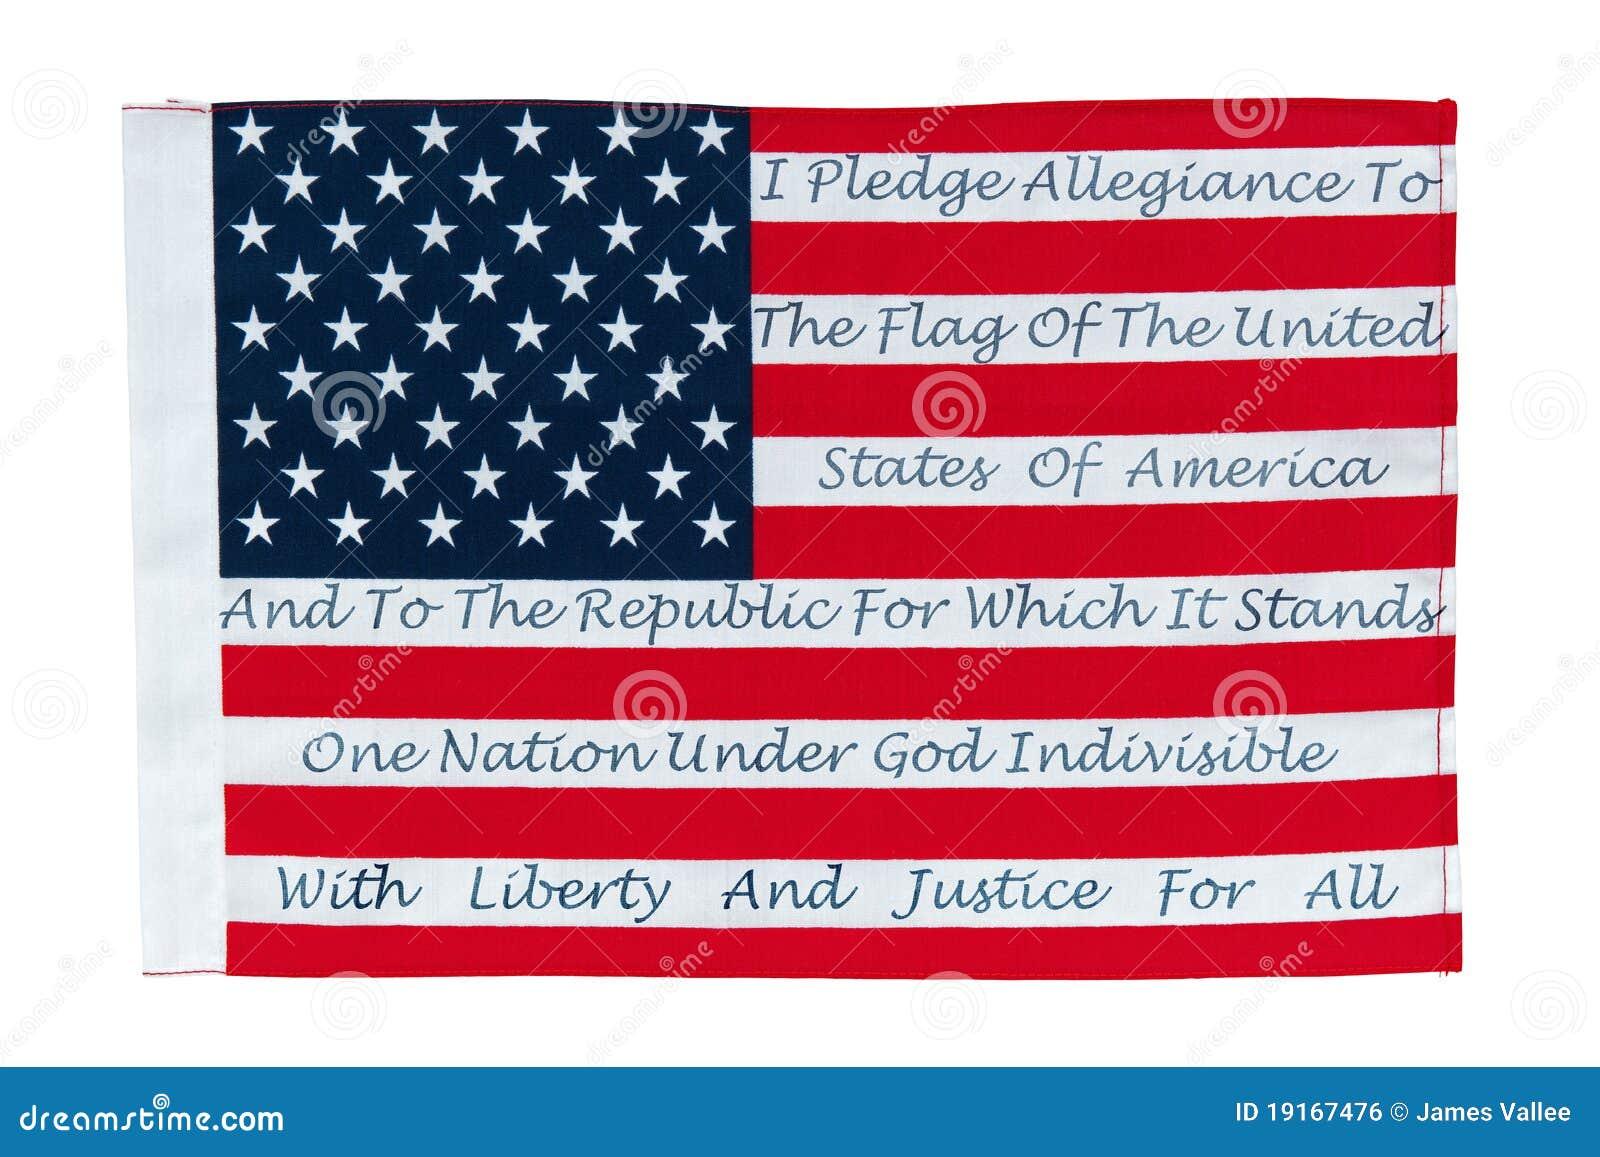 忠诚美国国旗承诺